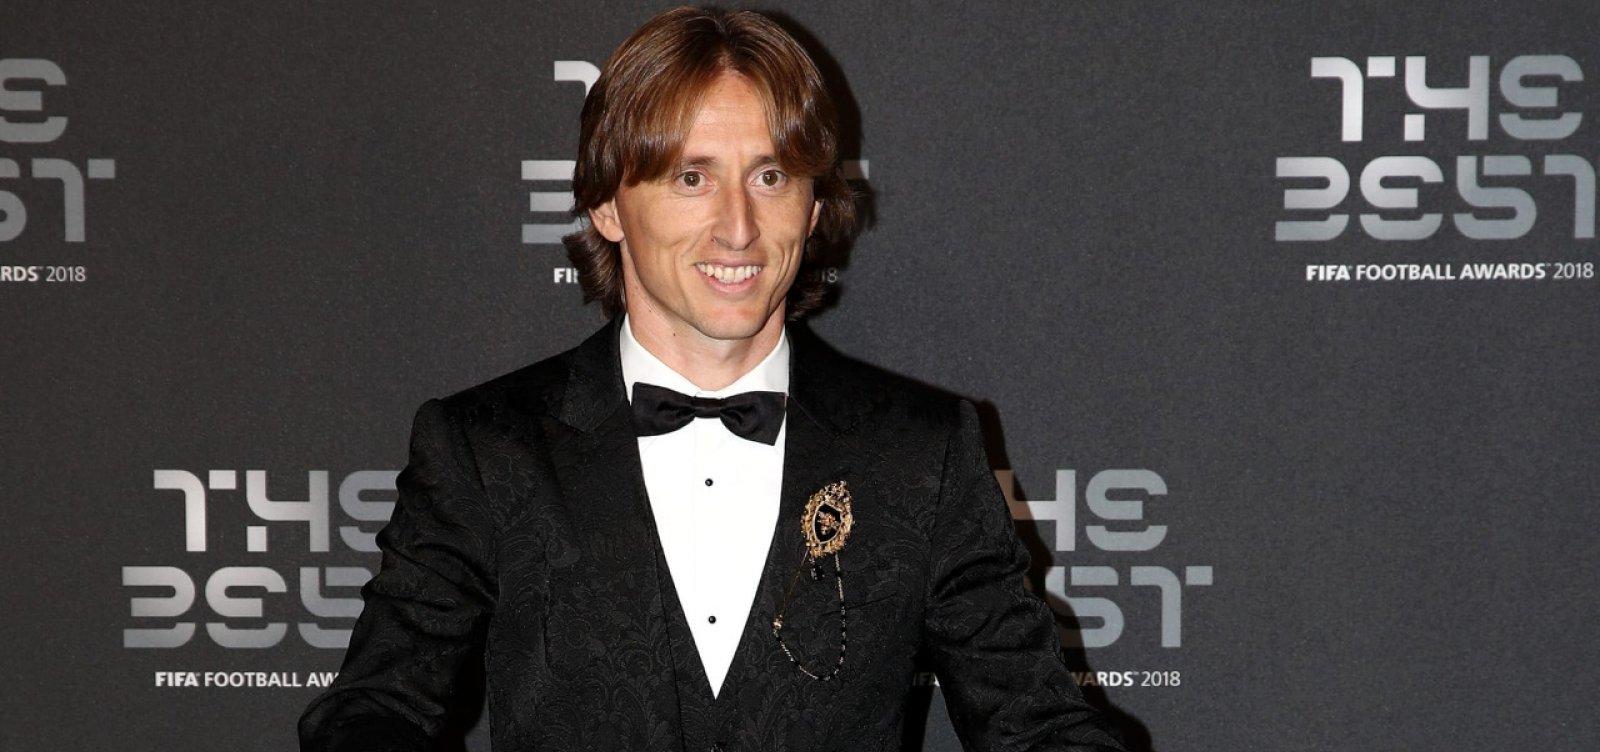 Modric é eleito melhor jogador do mundo pela Fifa